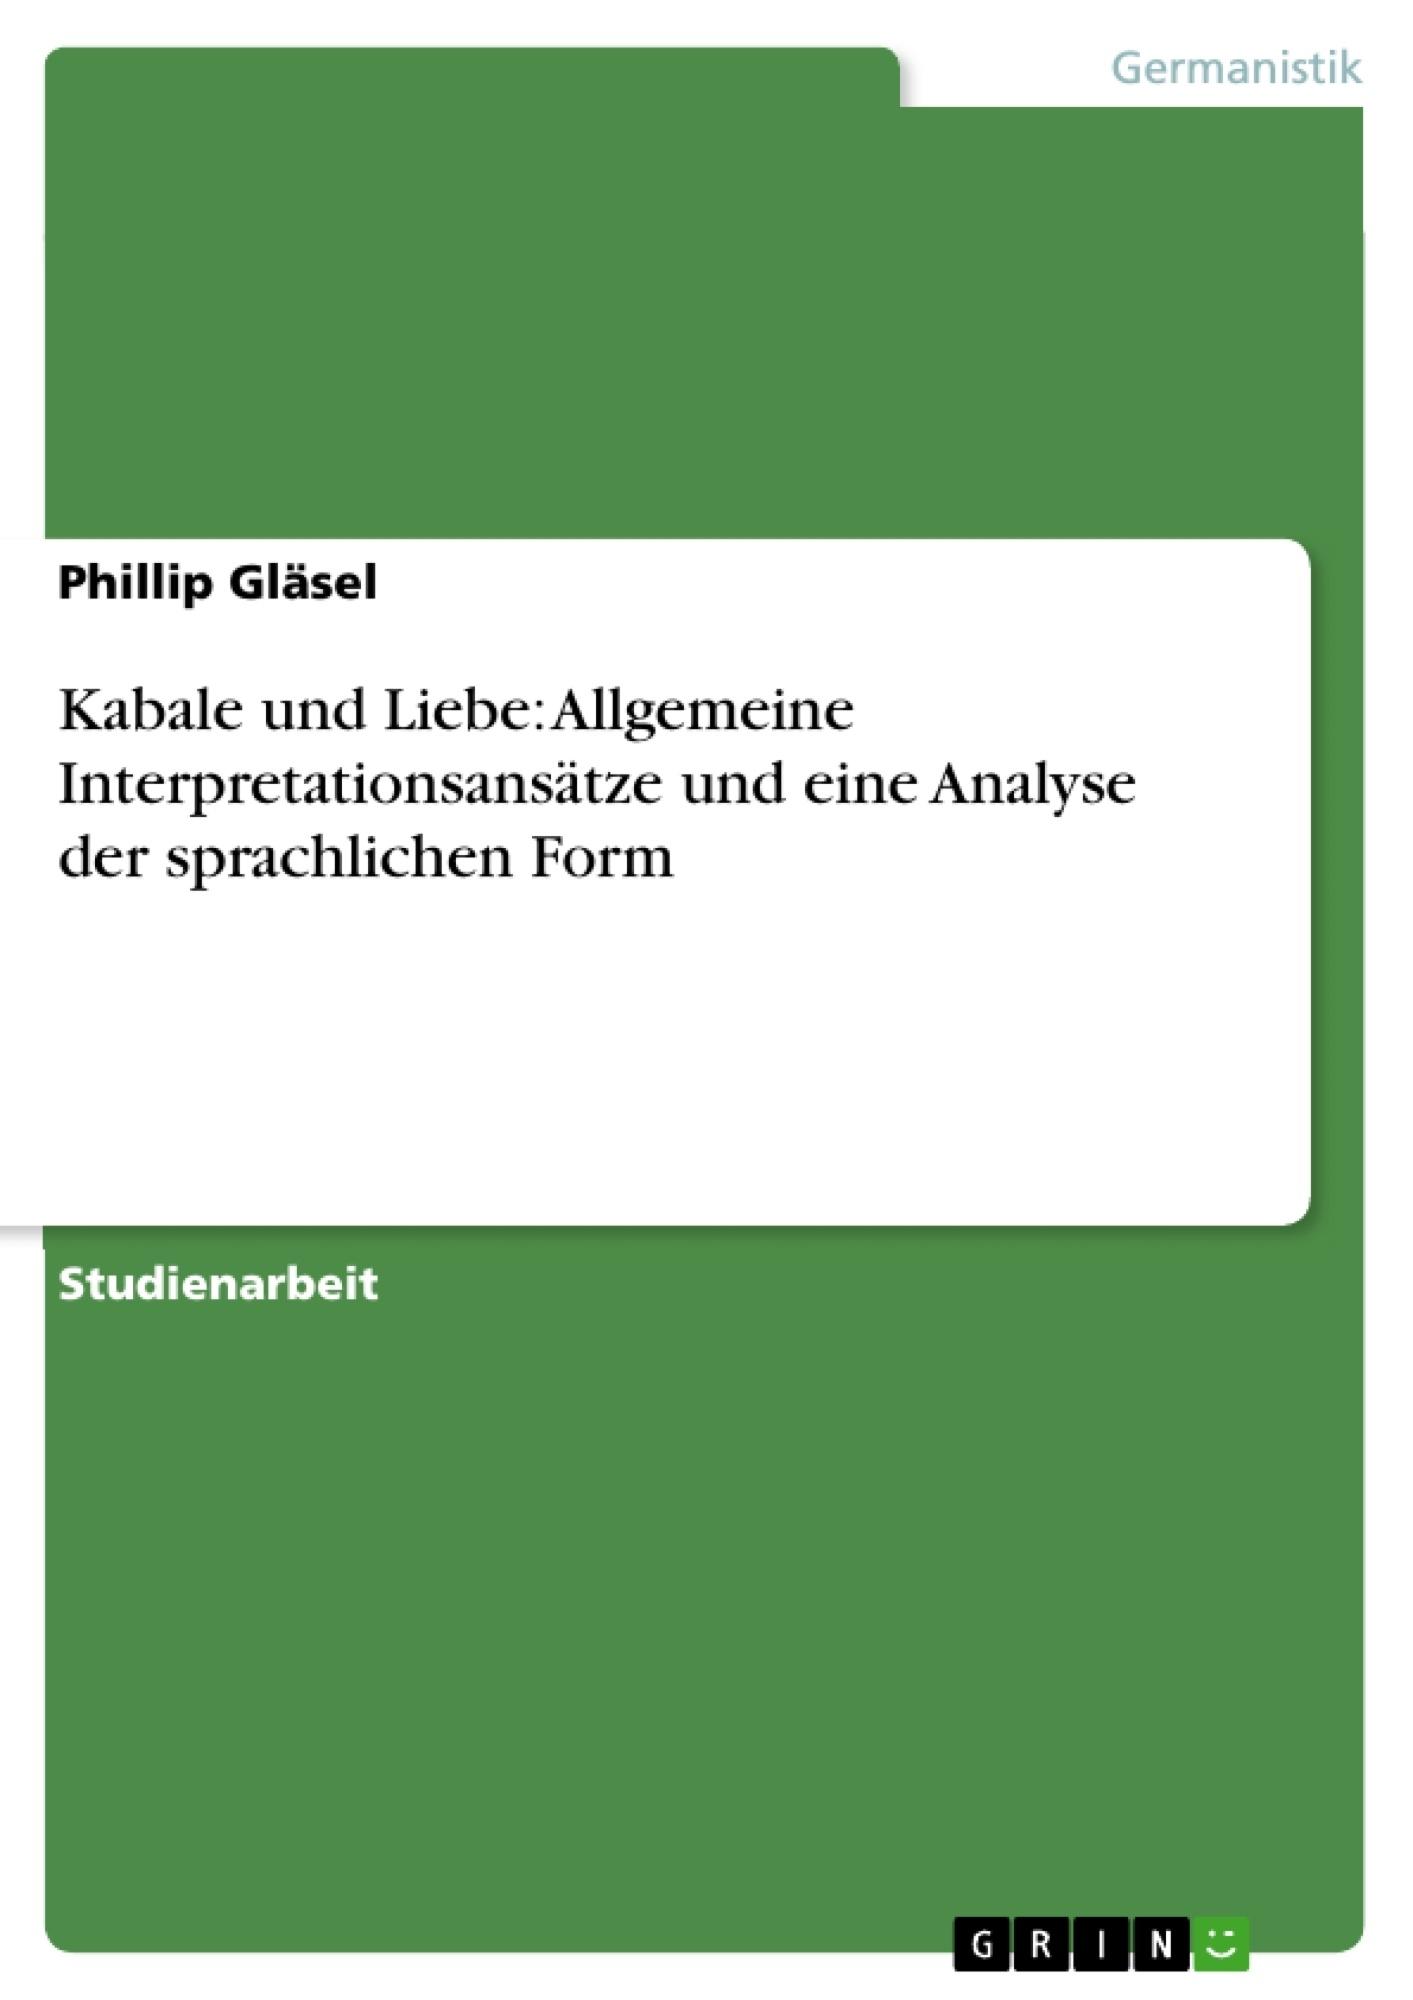 Titel: Kabale und Liebe: Allgemeine Interpretationsansätze und eine Analyse der sprachlichen Form